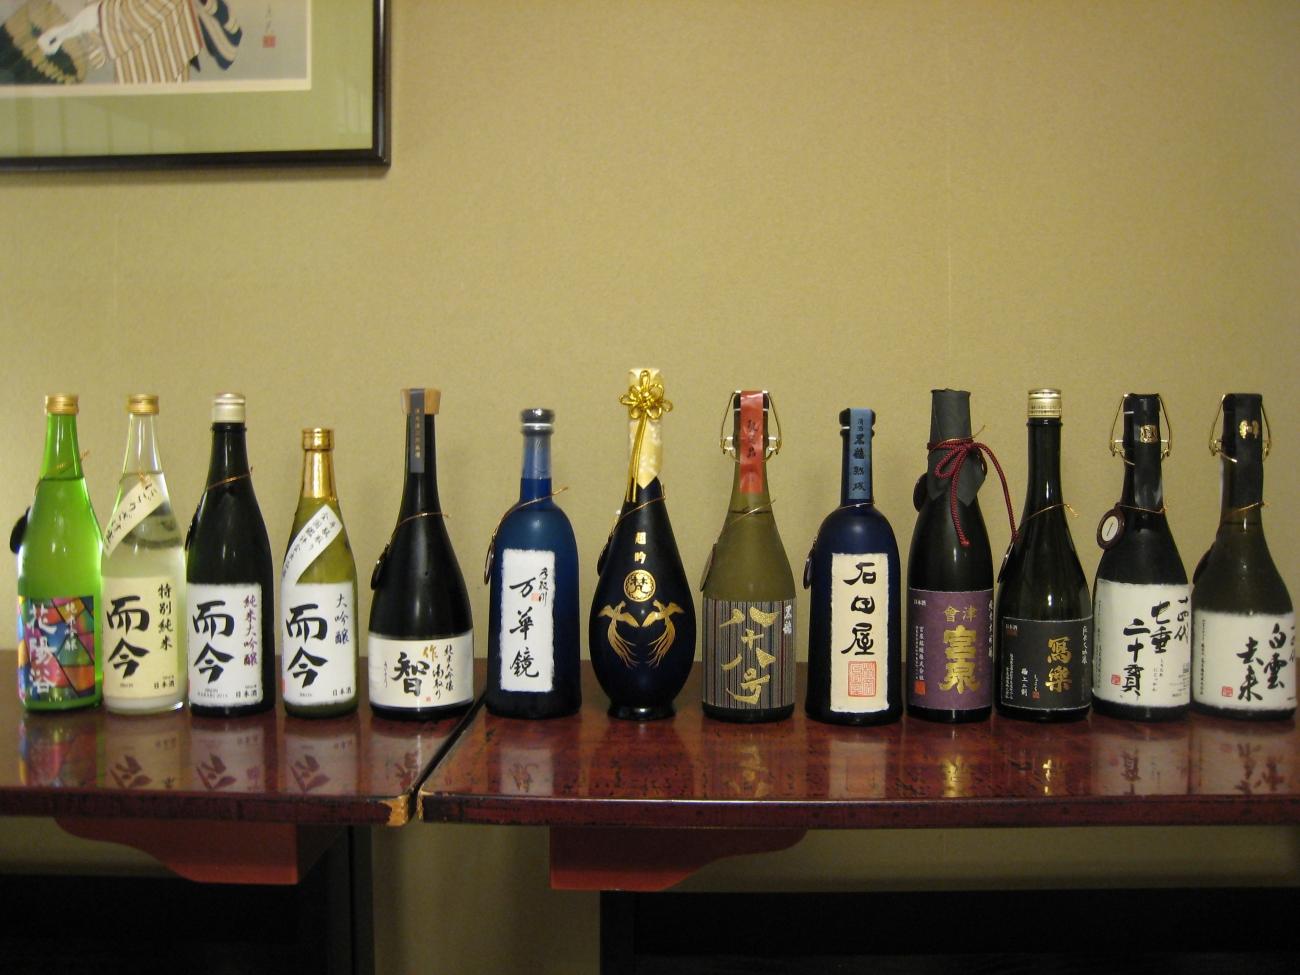 日本酒会のブログについて